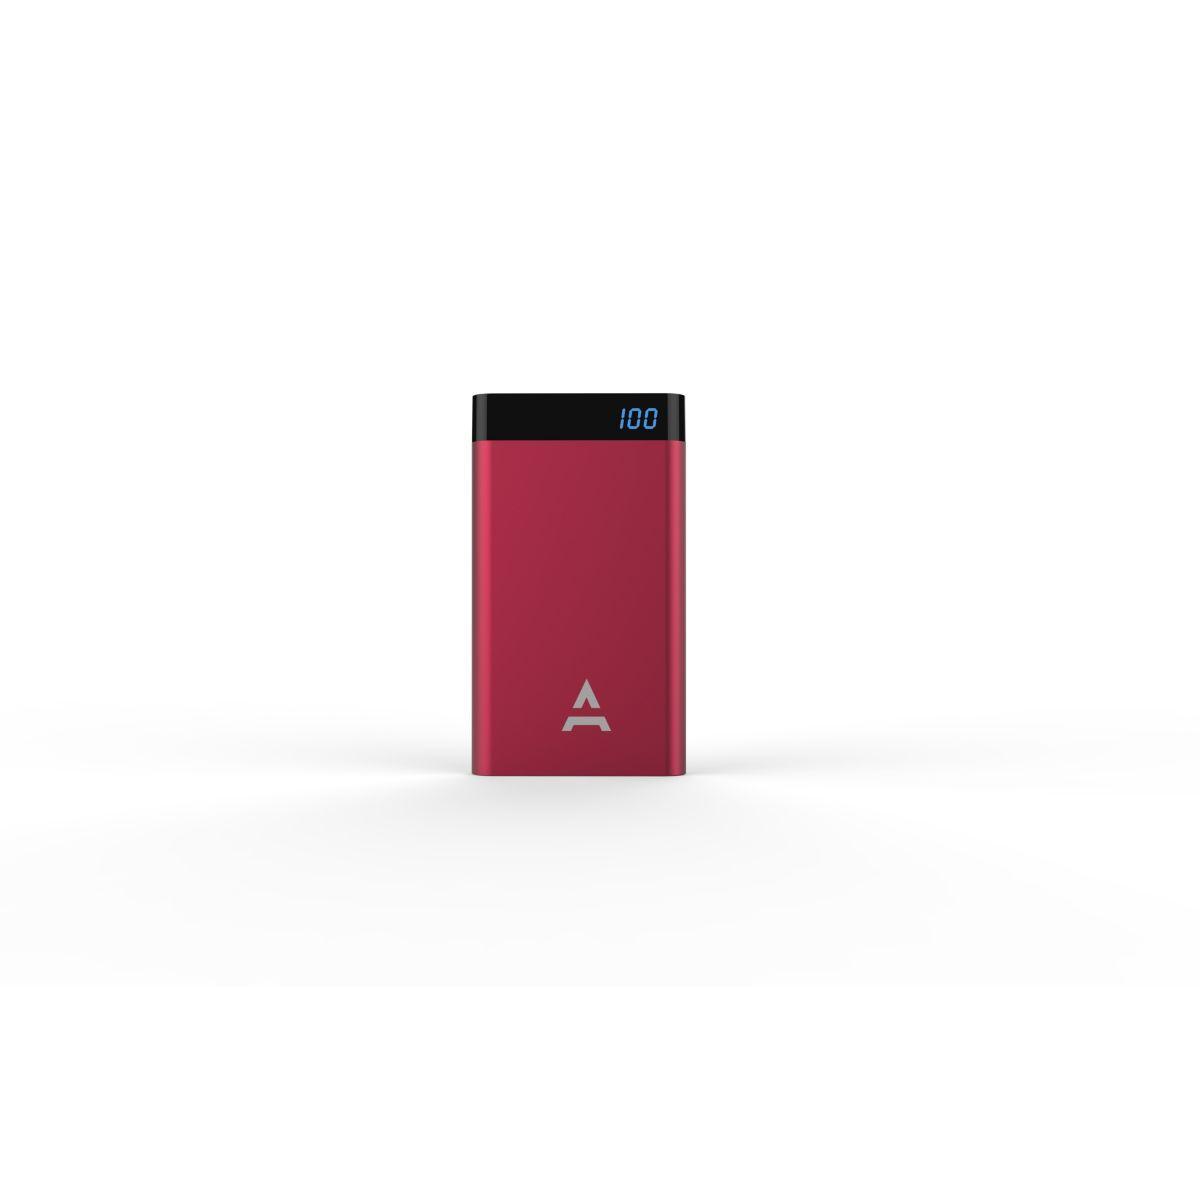 Batterie externe adeqwat 8000 mah bordeau - livraison offerte : code liv (photo)